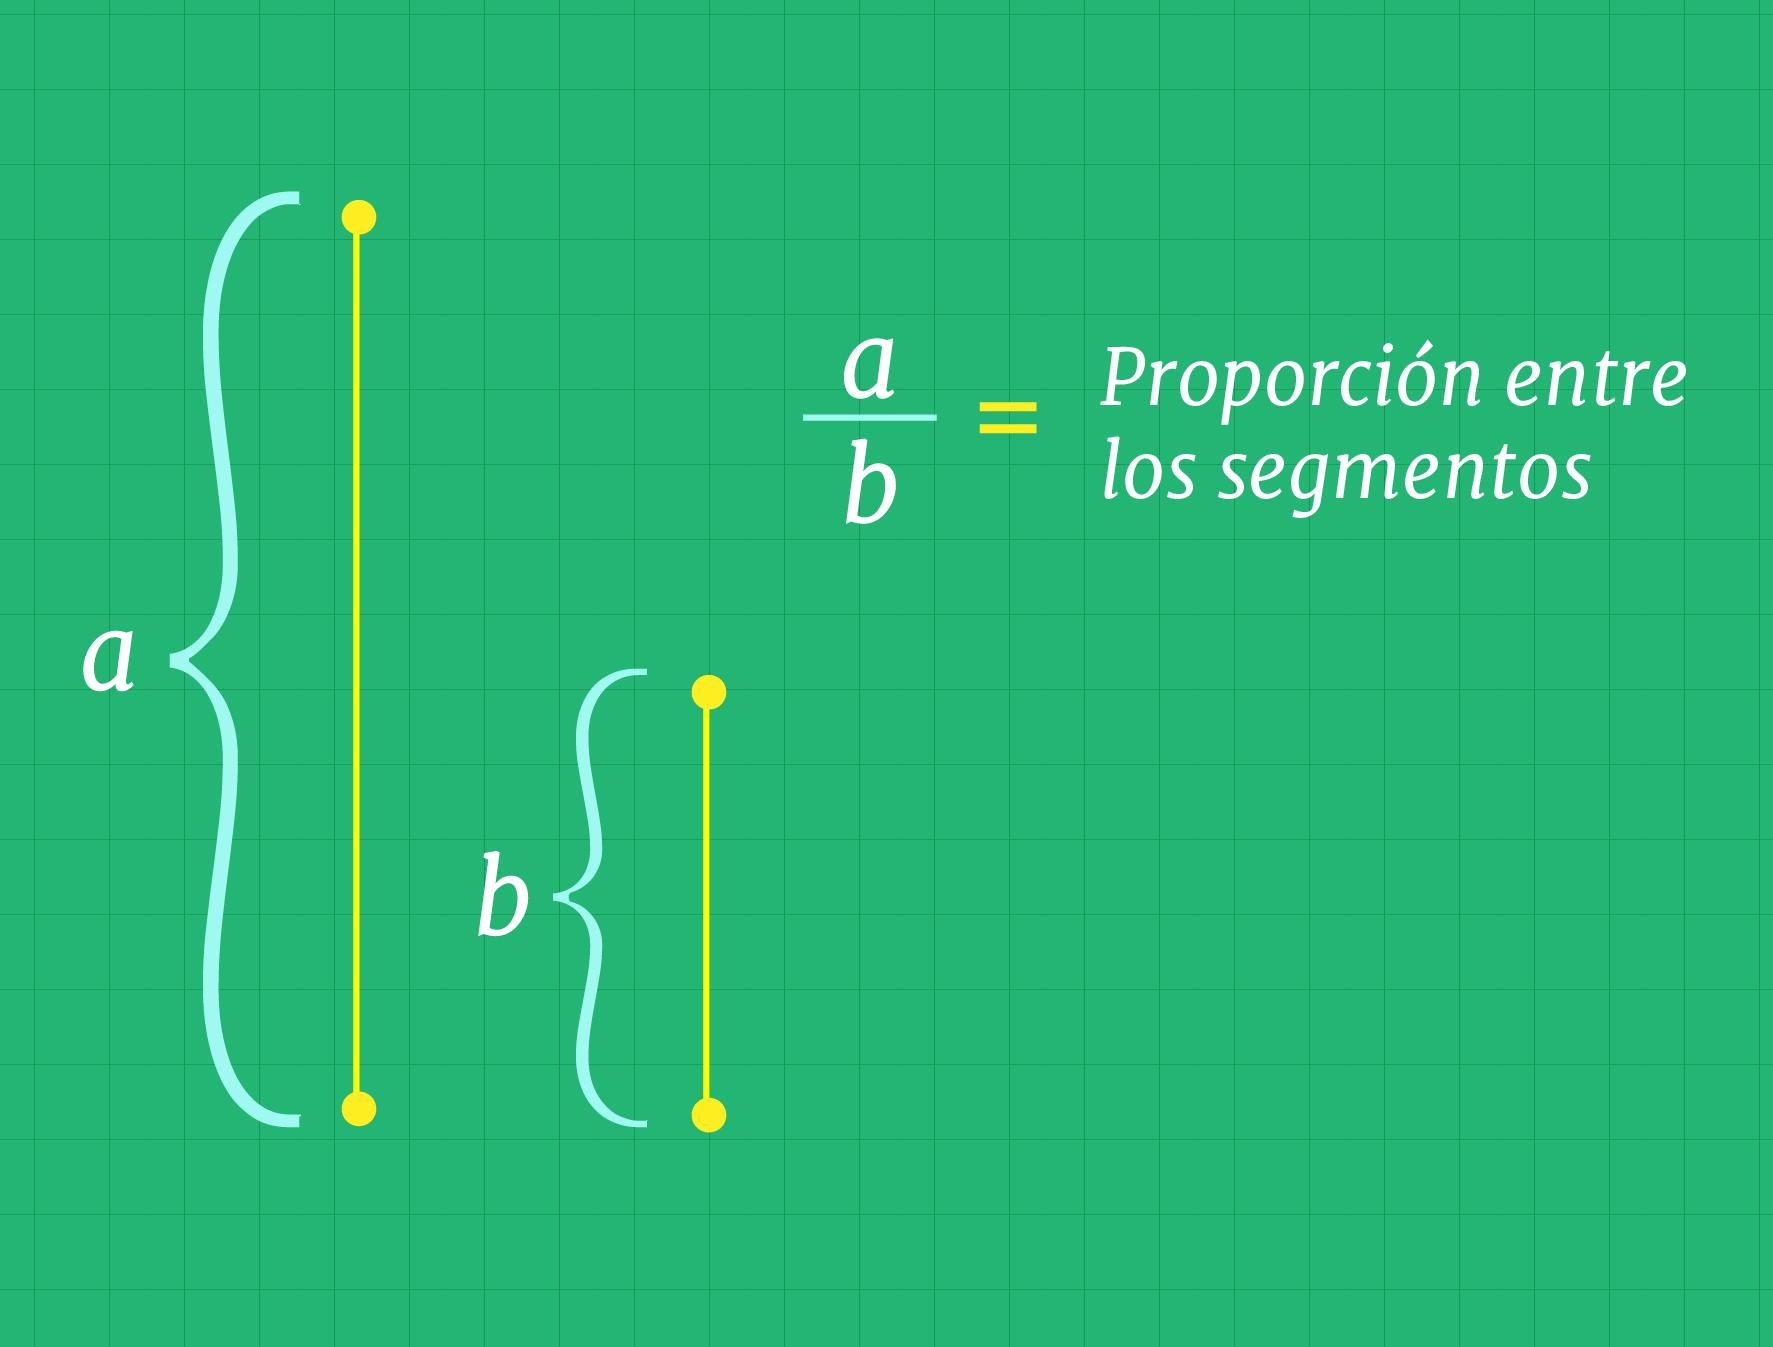 Proporción entre los segmentos a y b